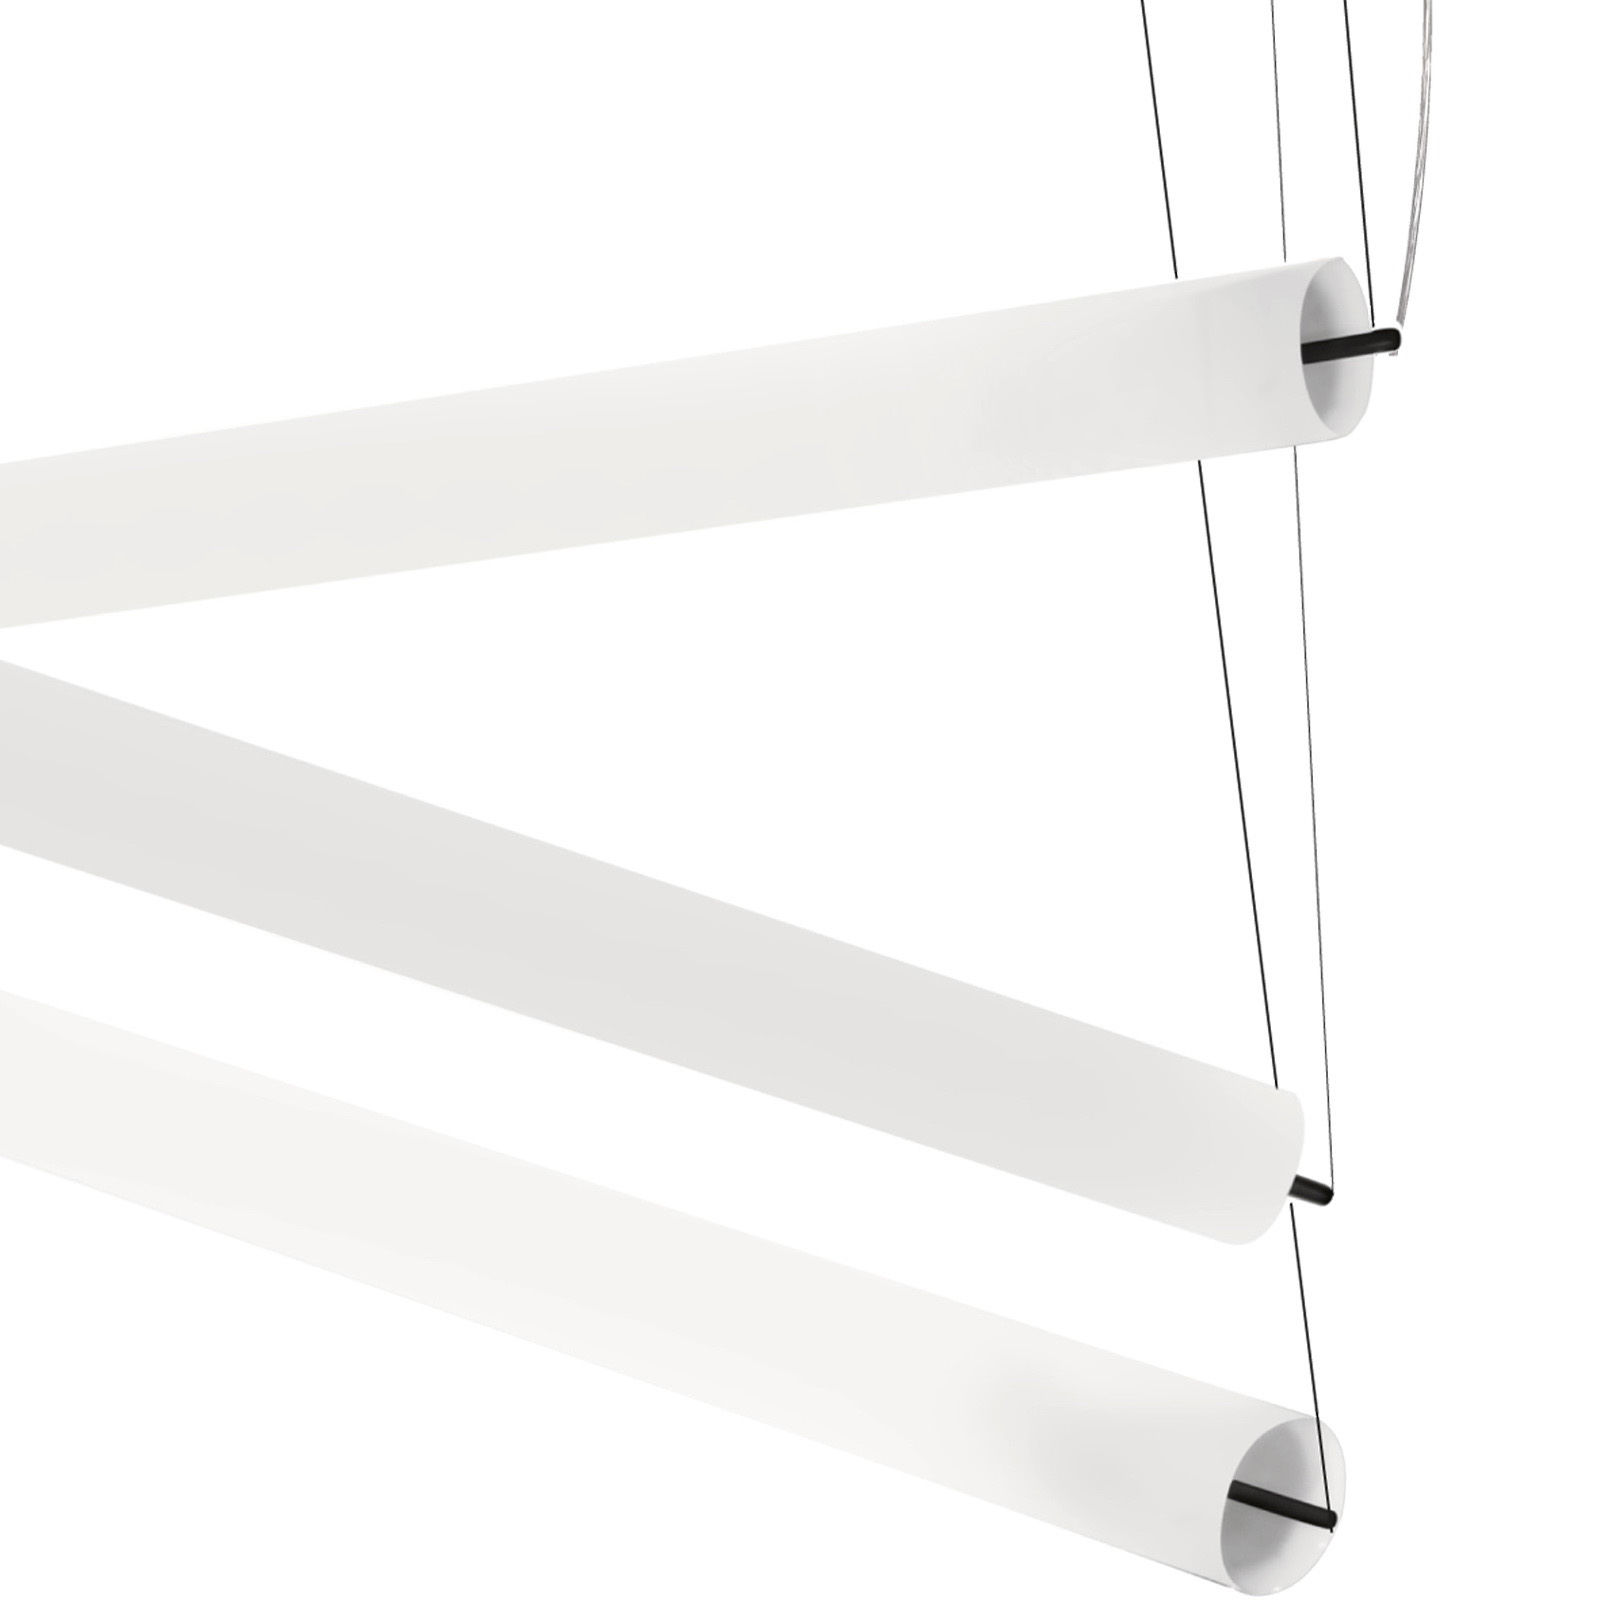 Illuminazione - Sospensione Pistillo - L 180 cm - Modulabile di Martinelli Luce - Bianco - Acciaio, Metacrilato